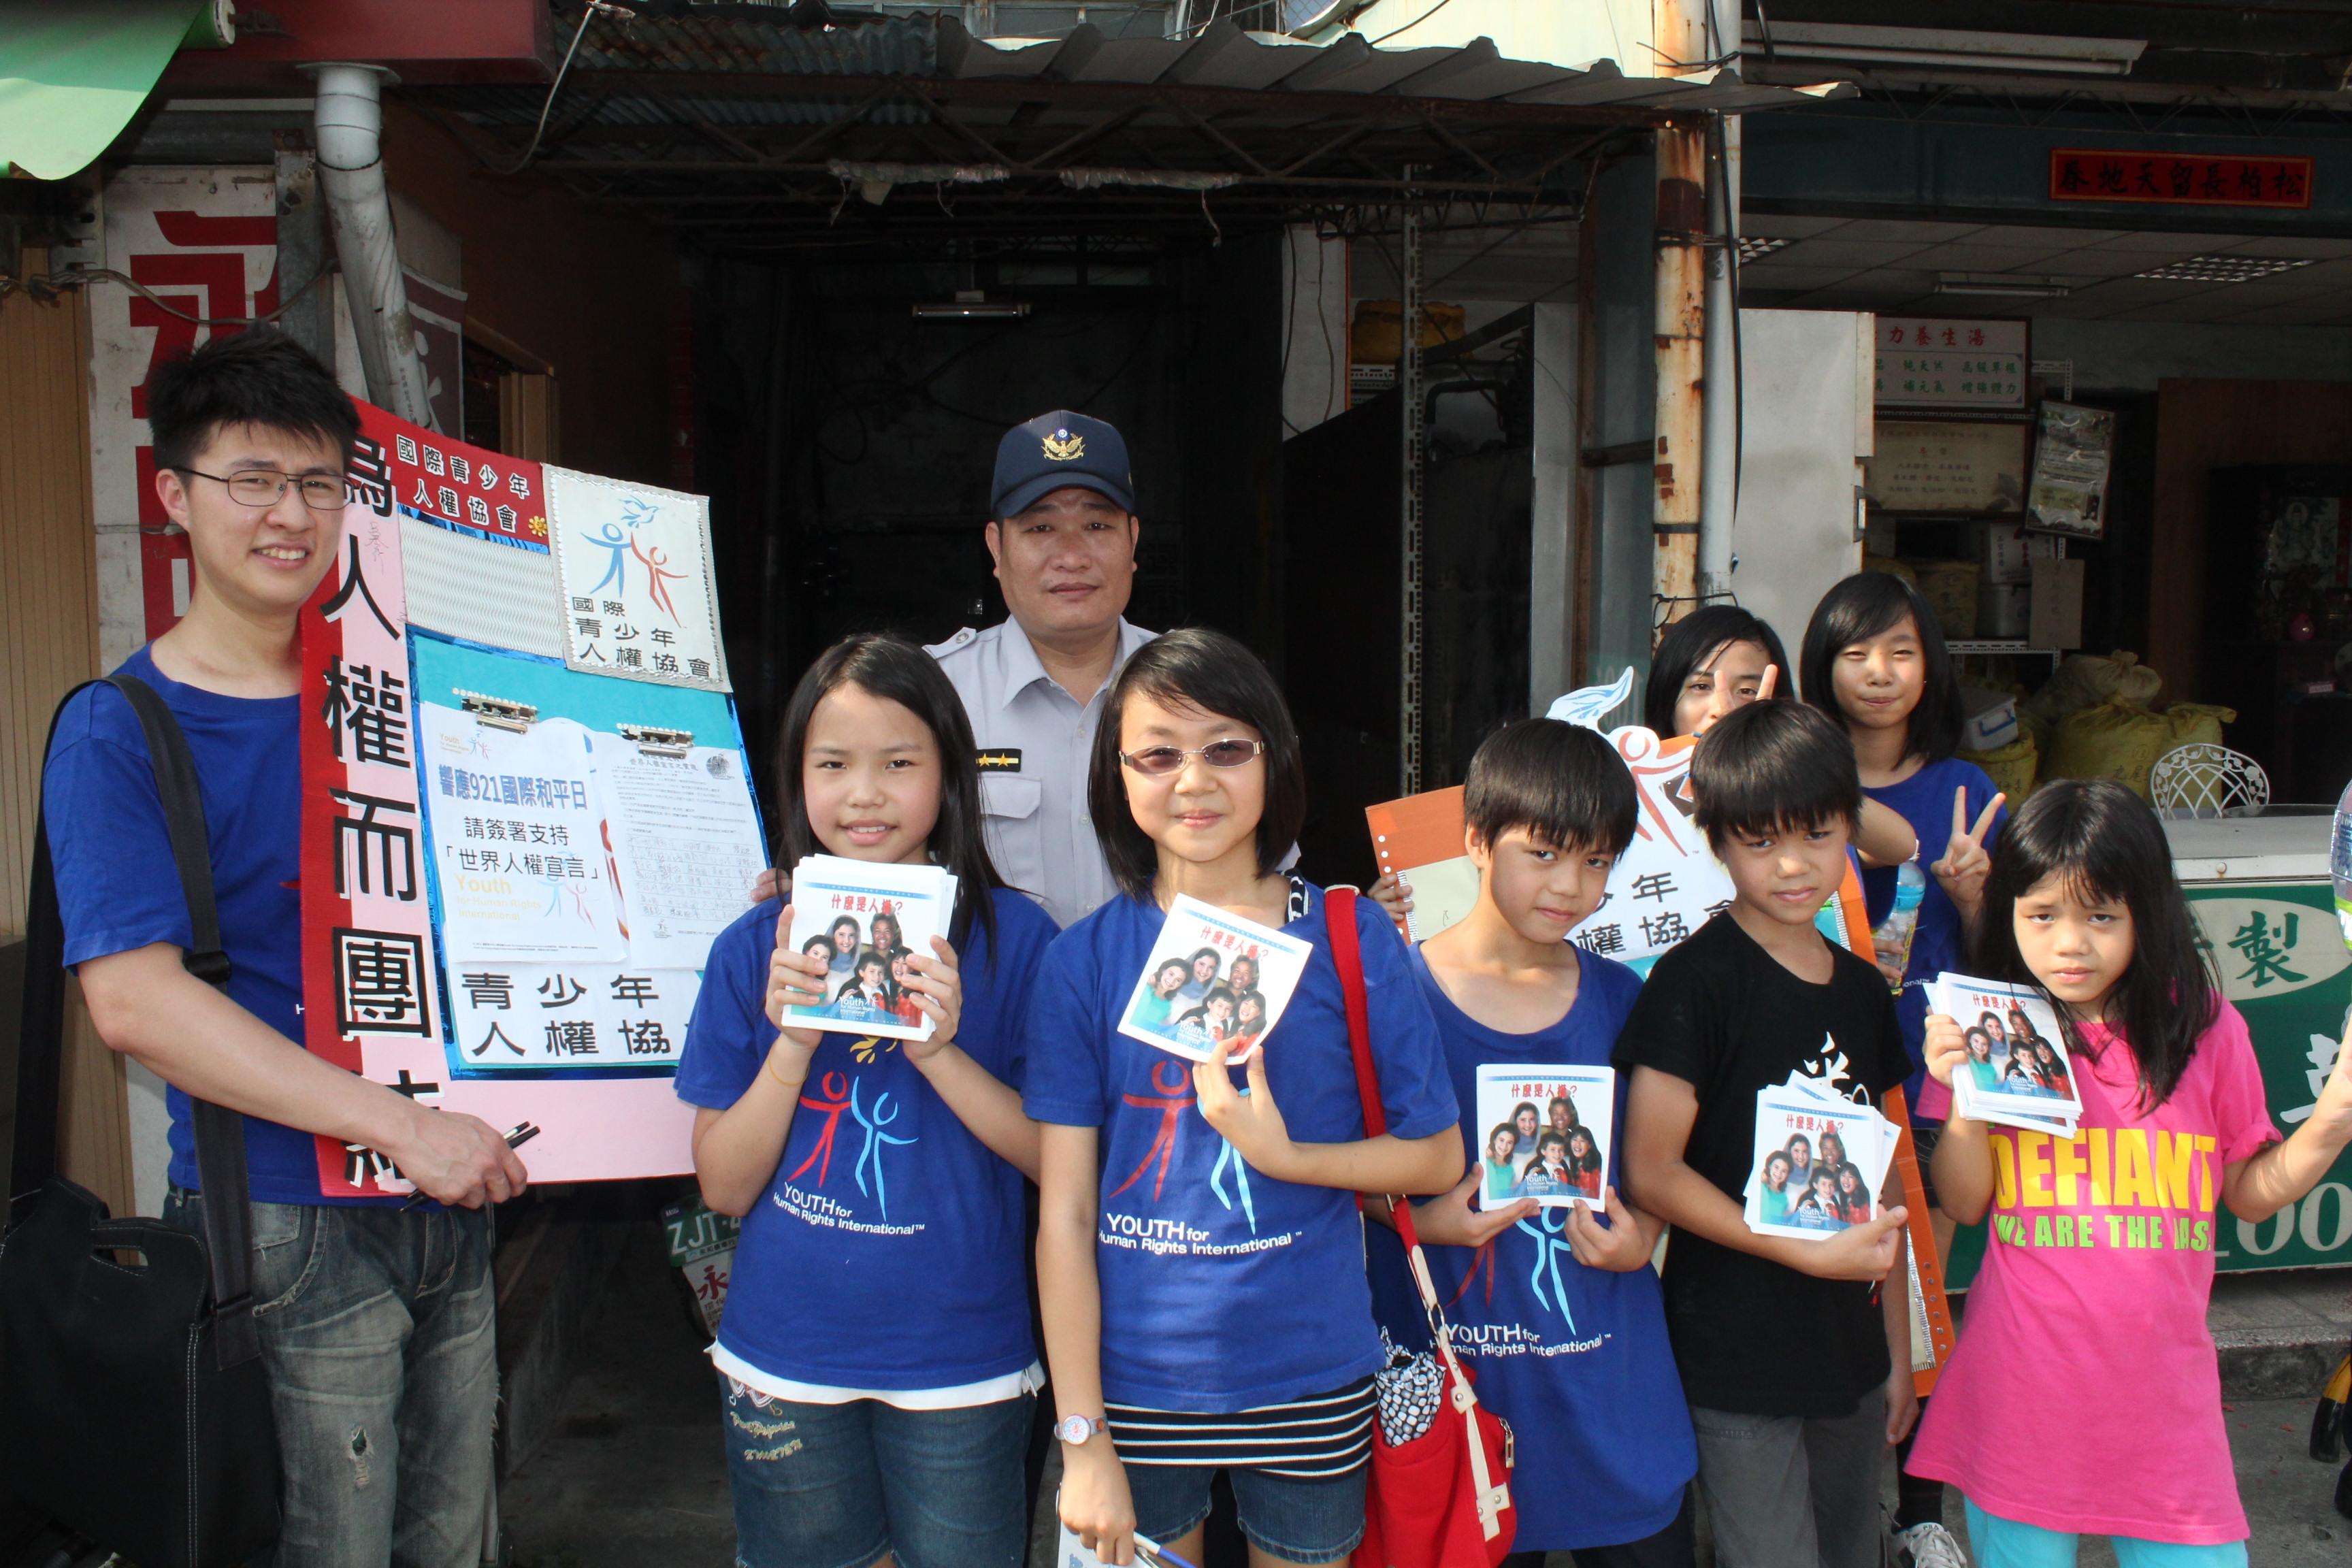 「幸福三太子」結合「國際和平日」融合文化與公益